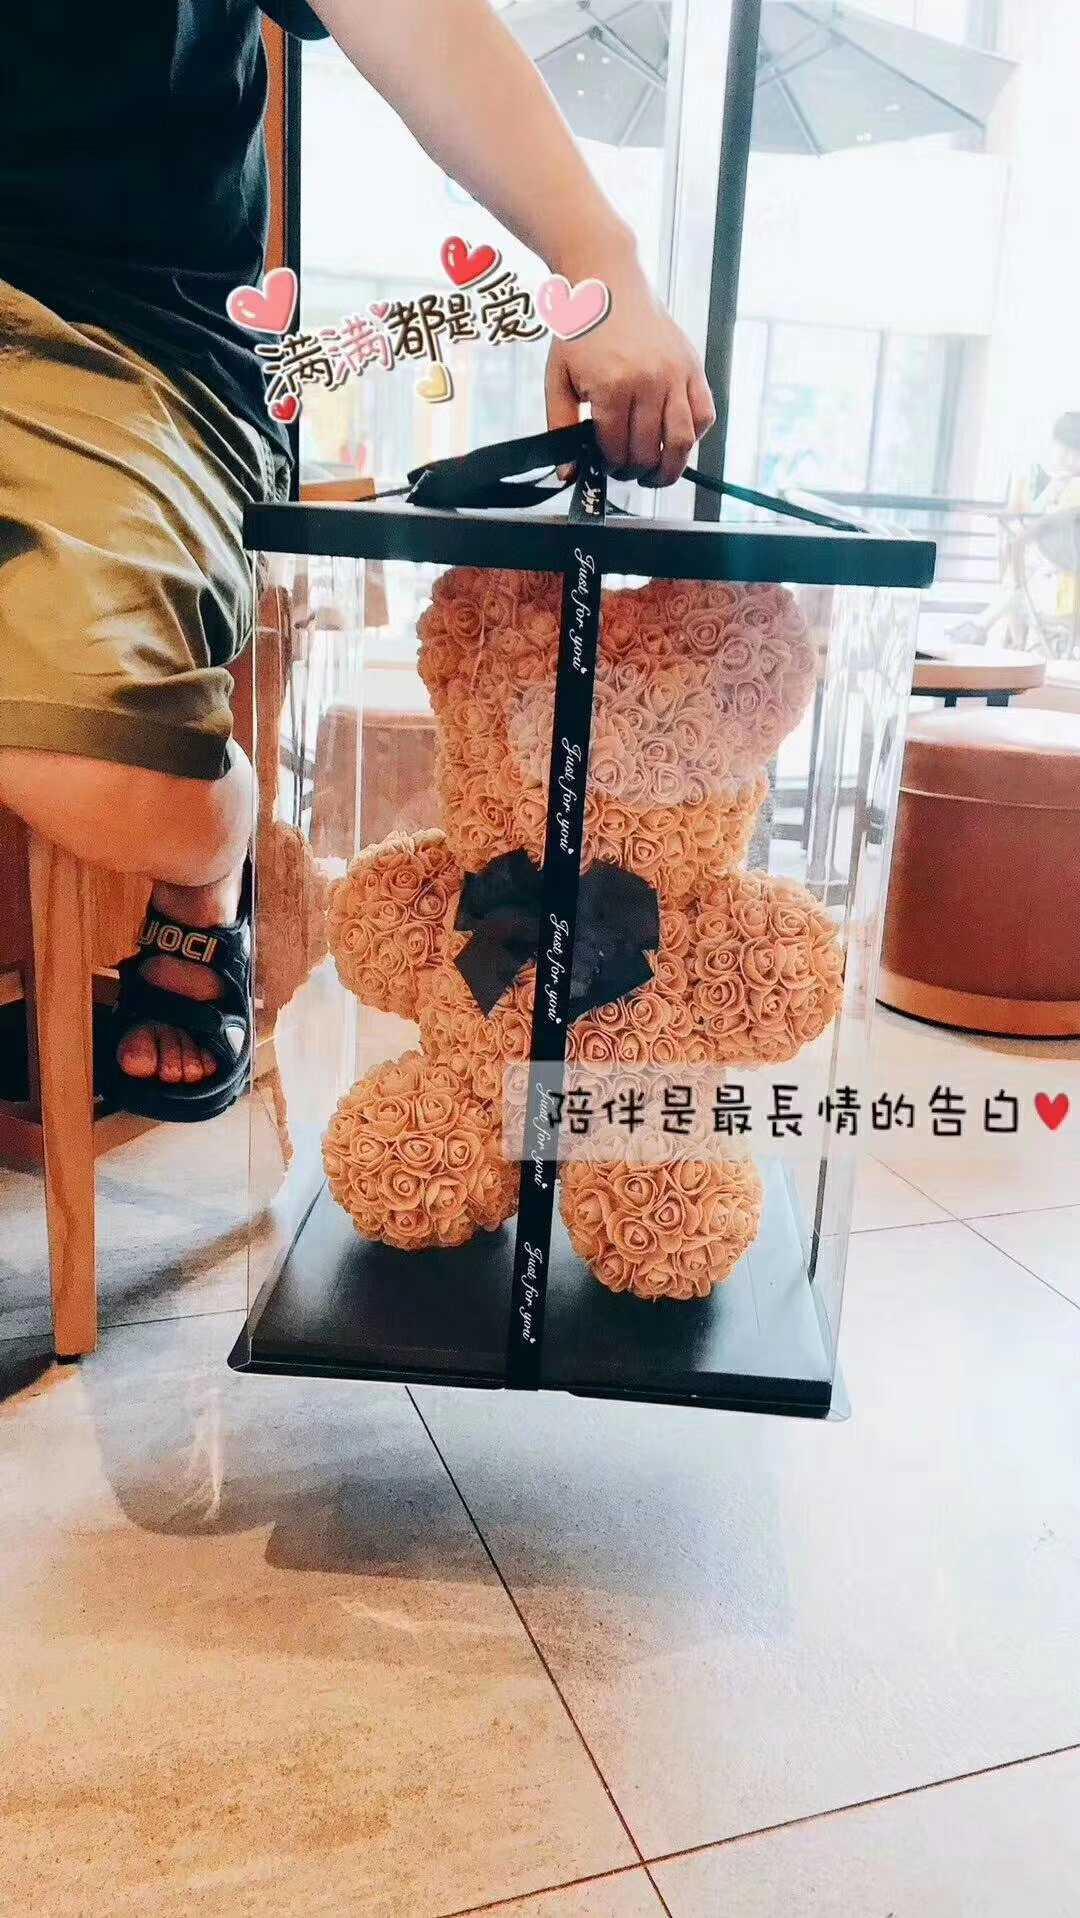 七夕情人节礼物浪漫萌萌求抱熊玫瑰花小熊永生花玫瑰熊送男女友券后148.00元